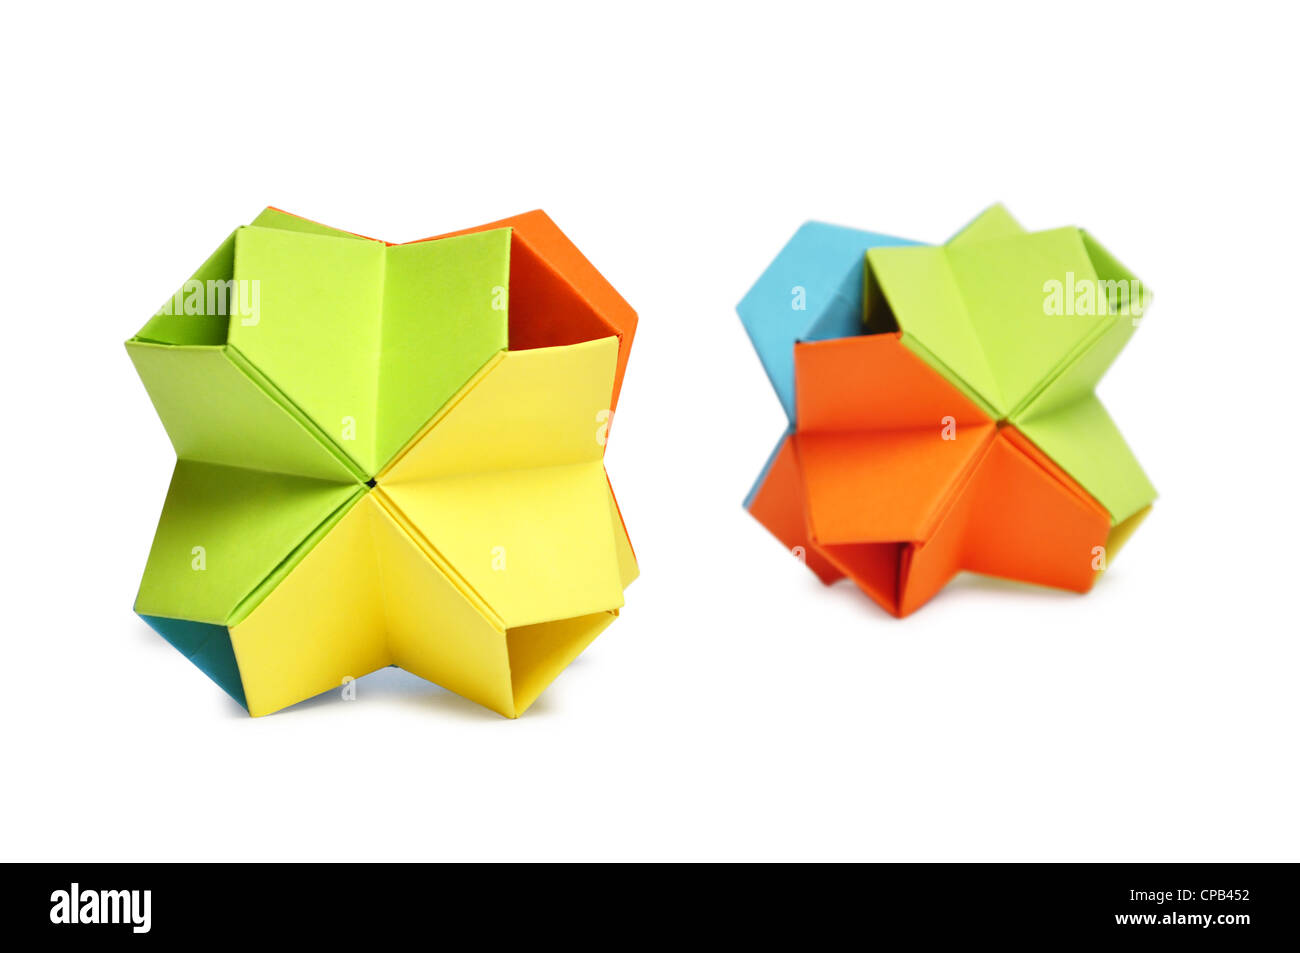 Bunte Origami Kusudama isoliert auf weißem Hintergrund Stockbild